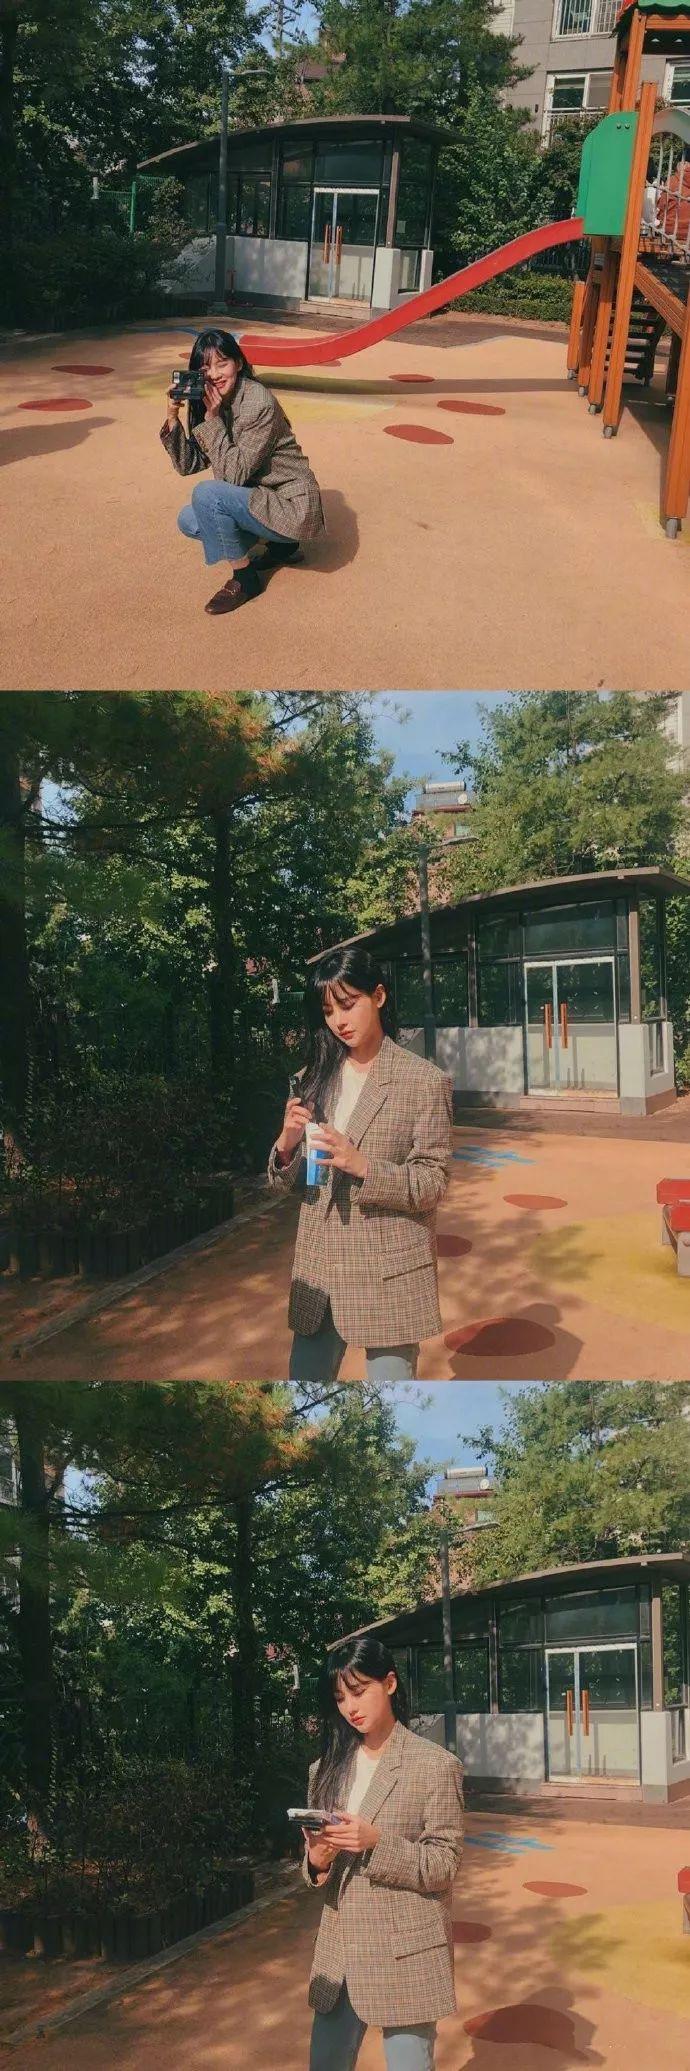 欧尼吴涟序的私服分享,简简单单的韩风搭配看起来很舒服~